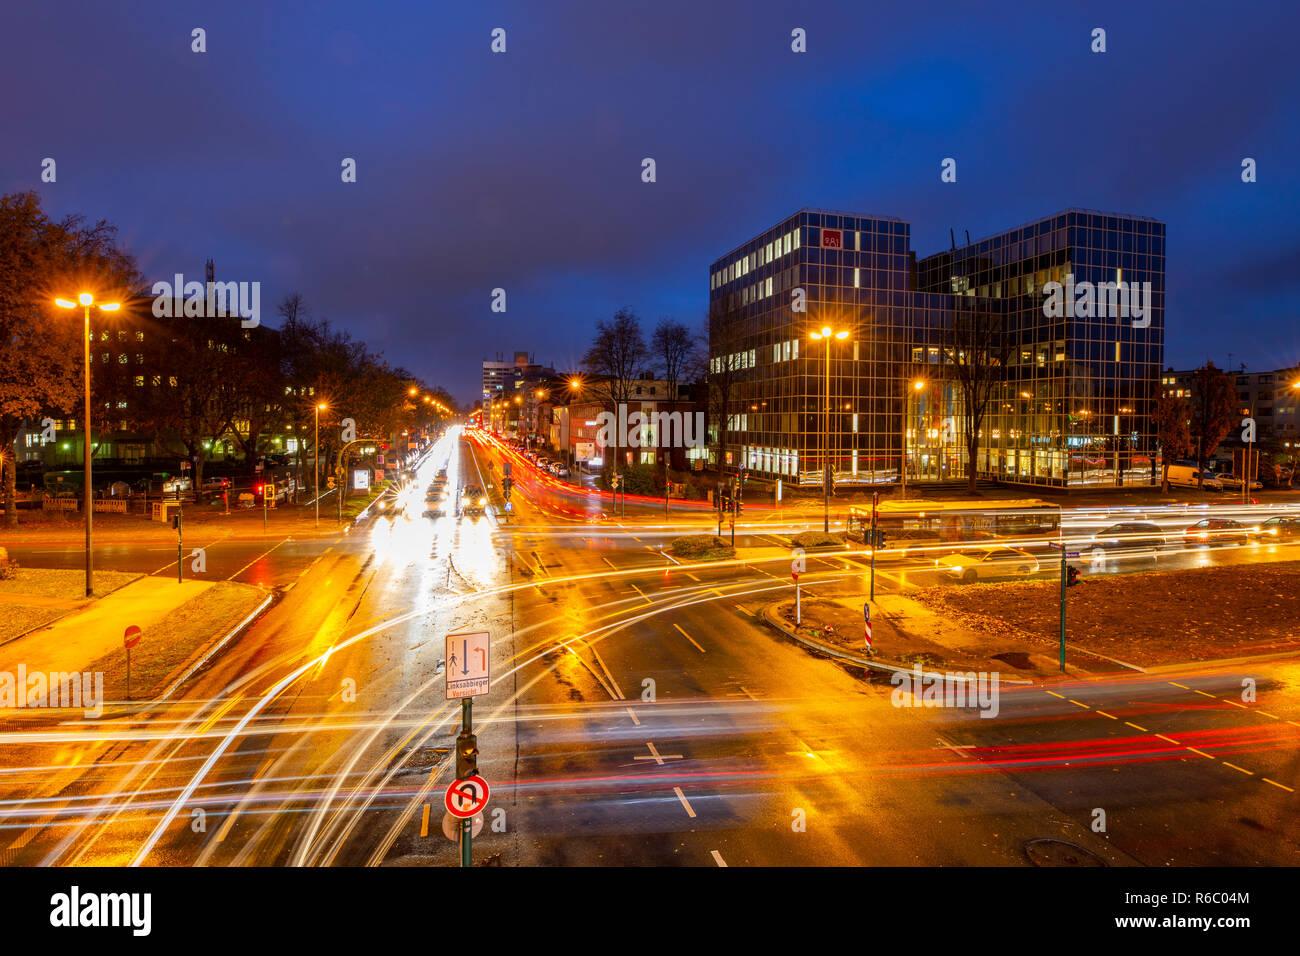 Bundesstrasse B224, Alfredstrasse, in Essen Rüttenscheid, Abendlicher Berufsverkehr, dieser Bereich wäre auch von einem Dieselfahrverbot betroffen, - Stock Image